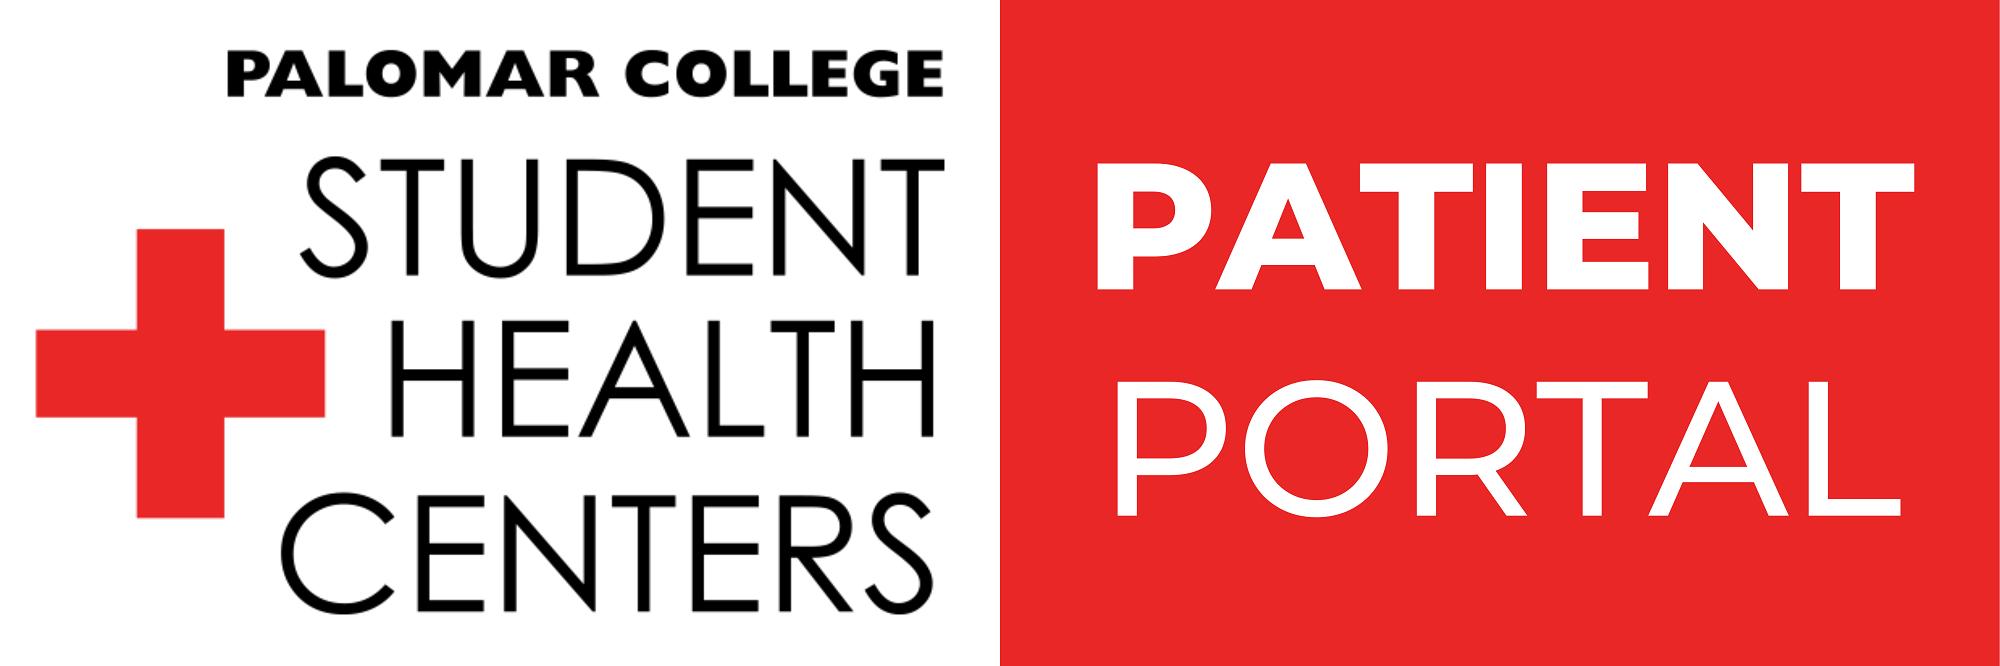 Palomar College Student Health Centers Patient Portal